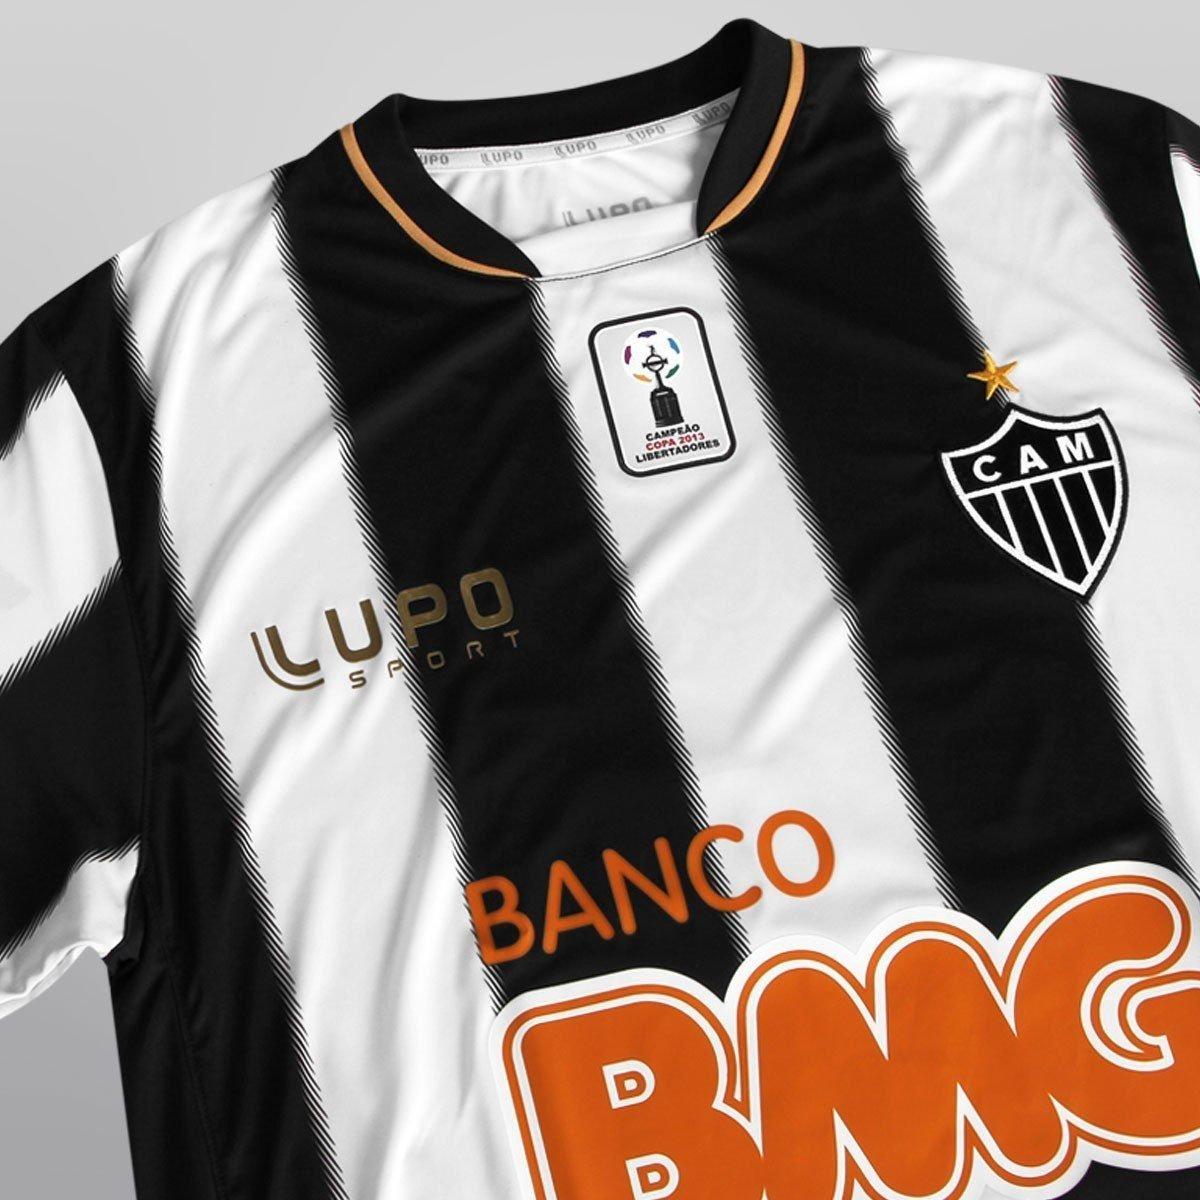 af730921c5 Camisa Lupo do Atlético MG Libertadores 2013 - Compre Agora